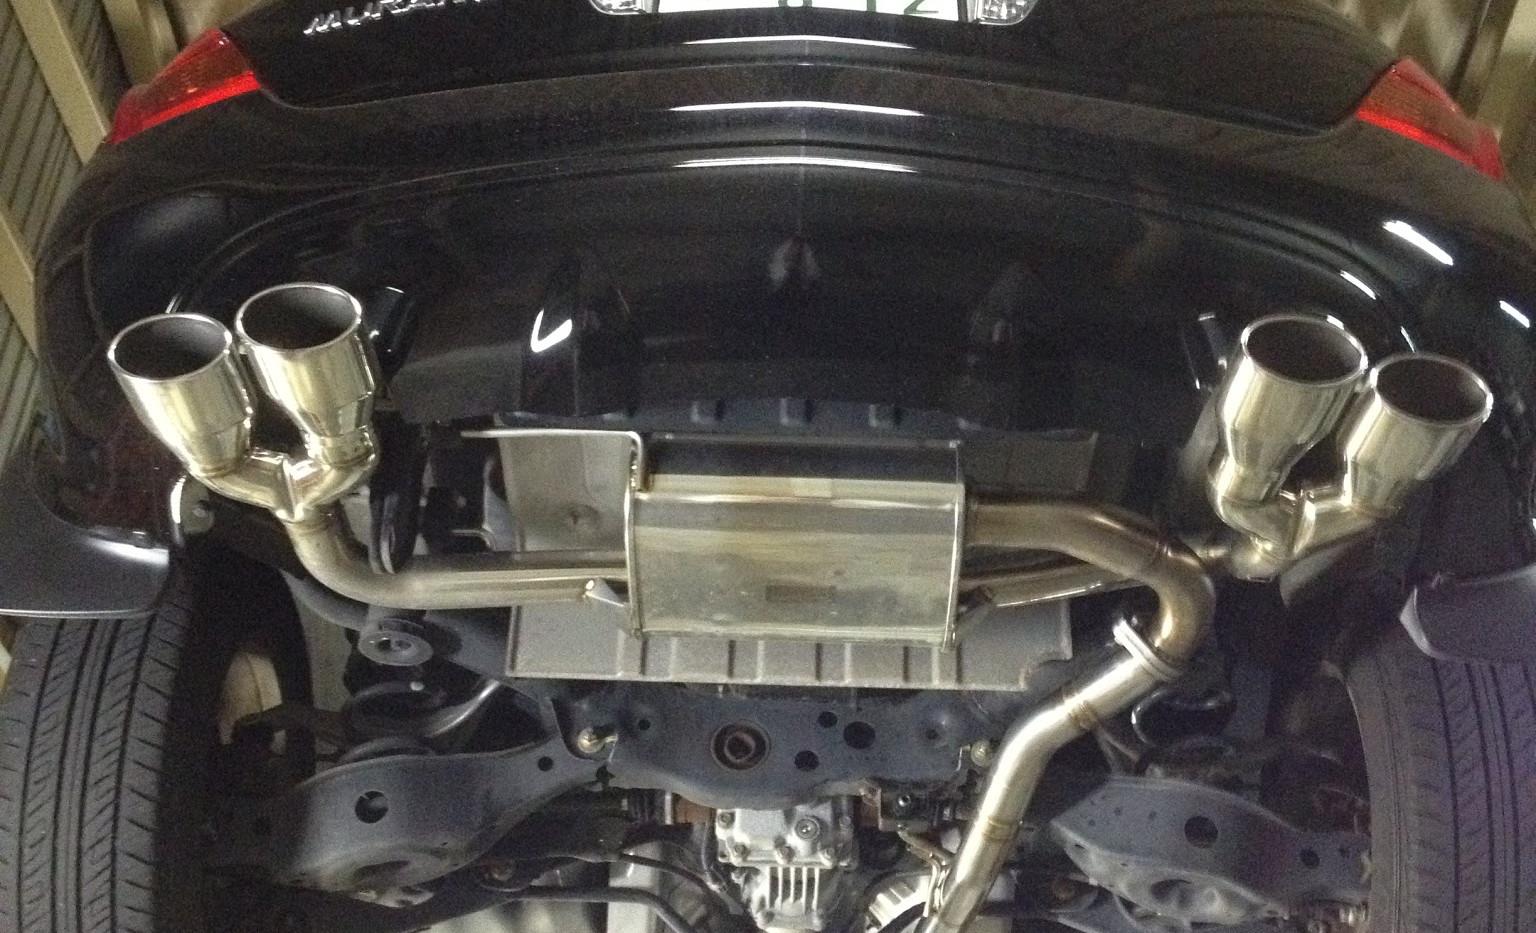 Z50ムラーノフルエキゾースト